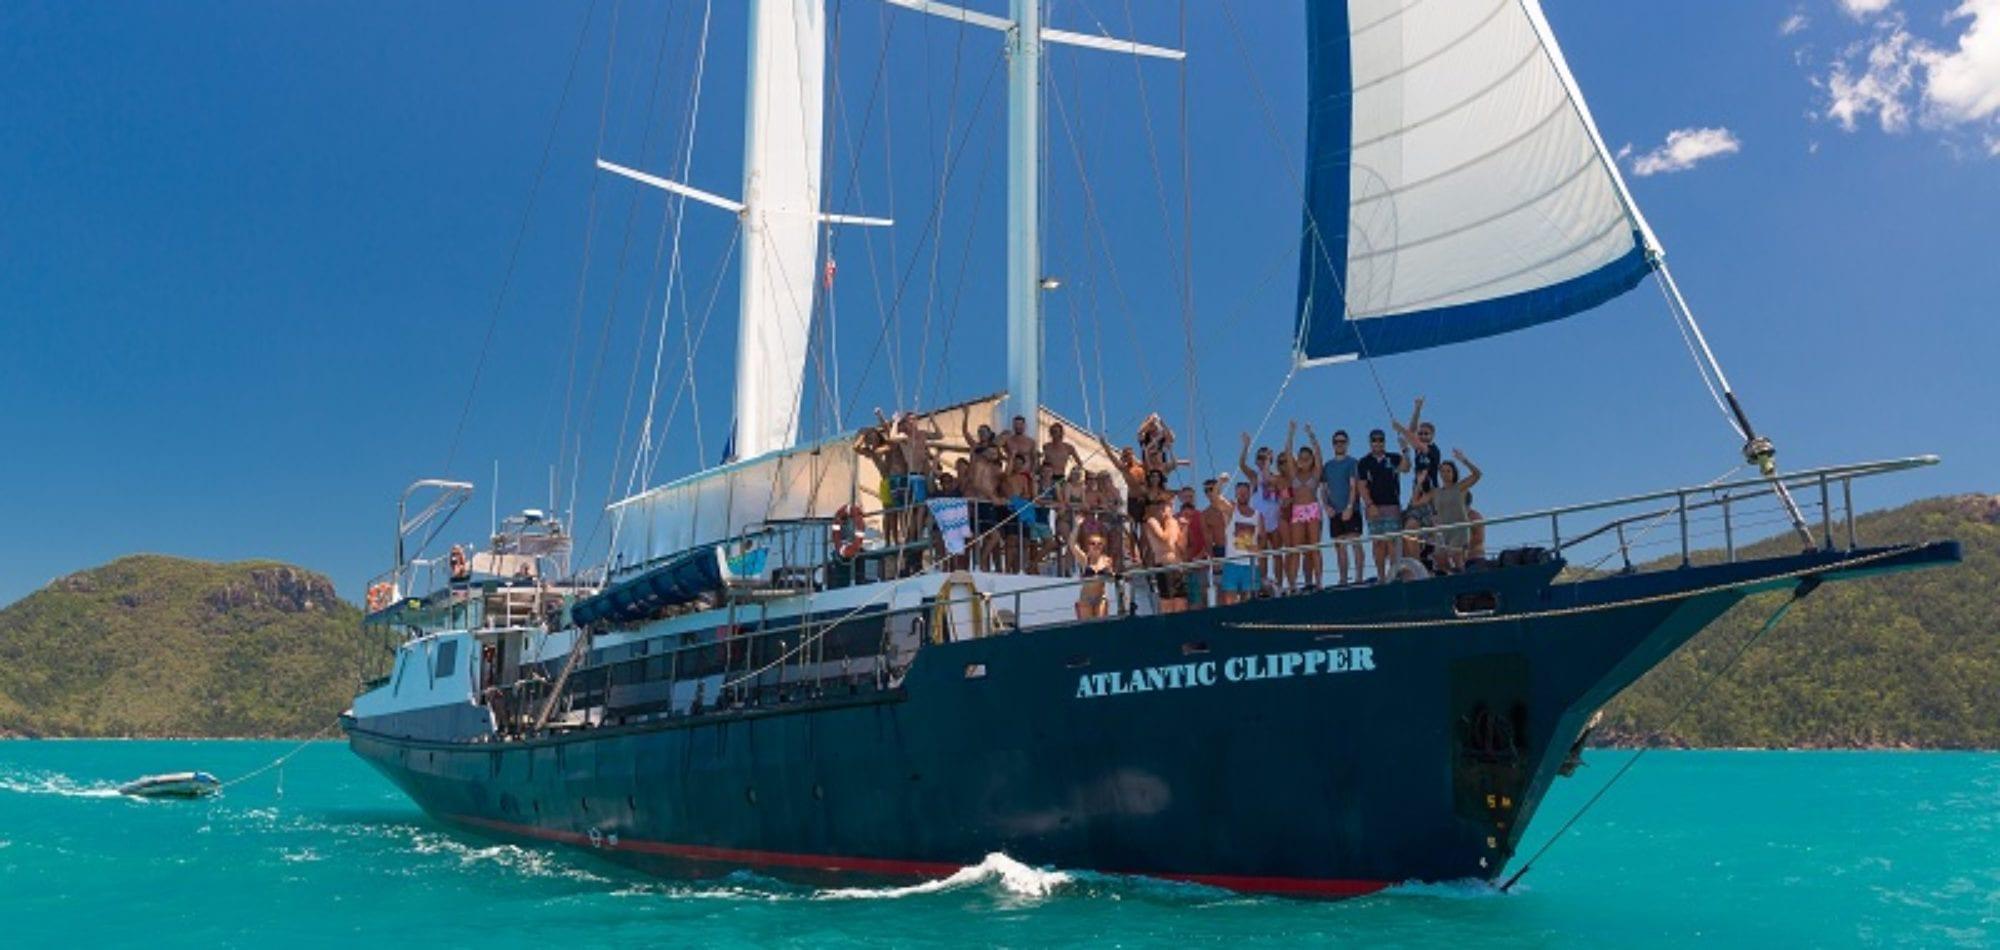 Atlantic Clipper sailing